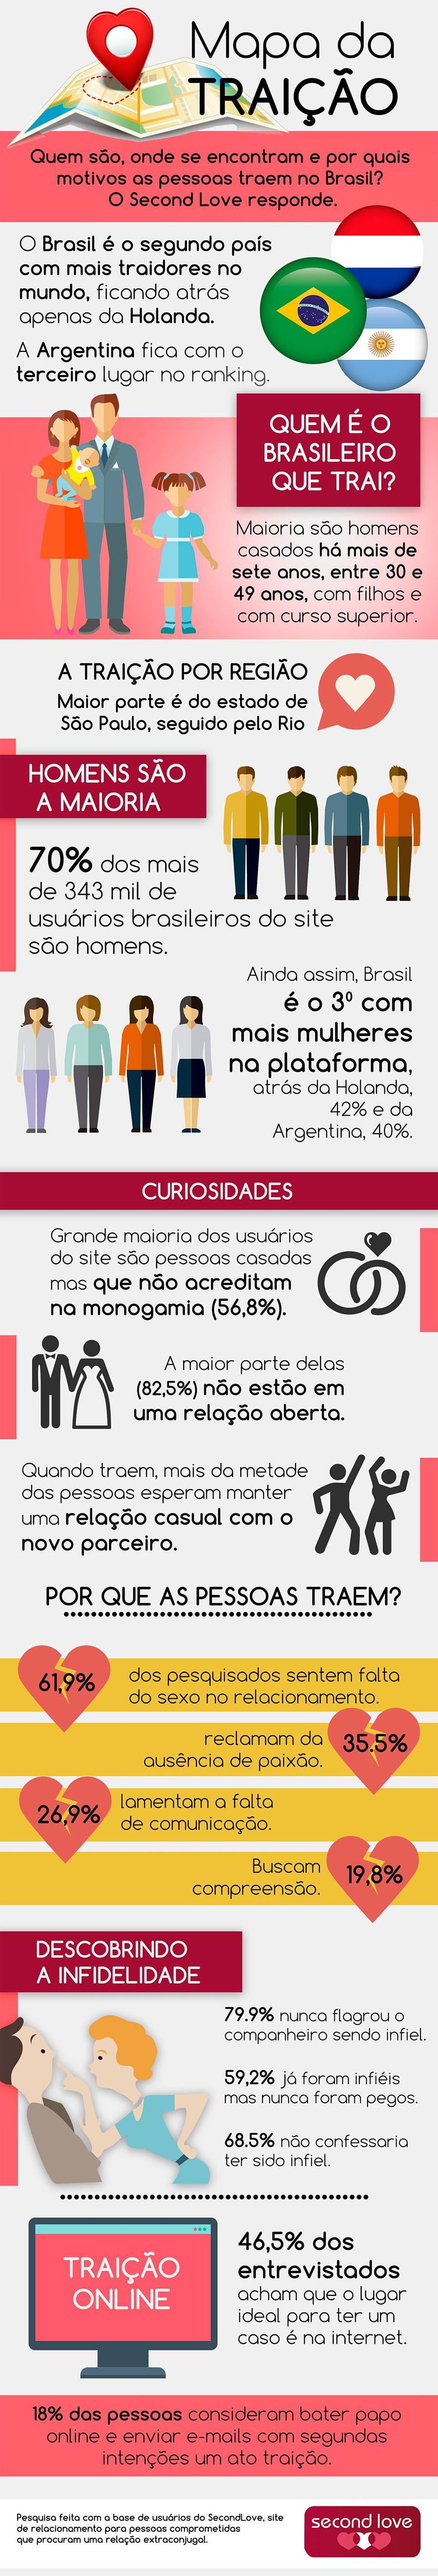 as-pessoas-traem-muito-no-Brasil